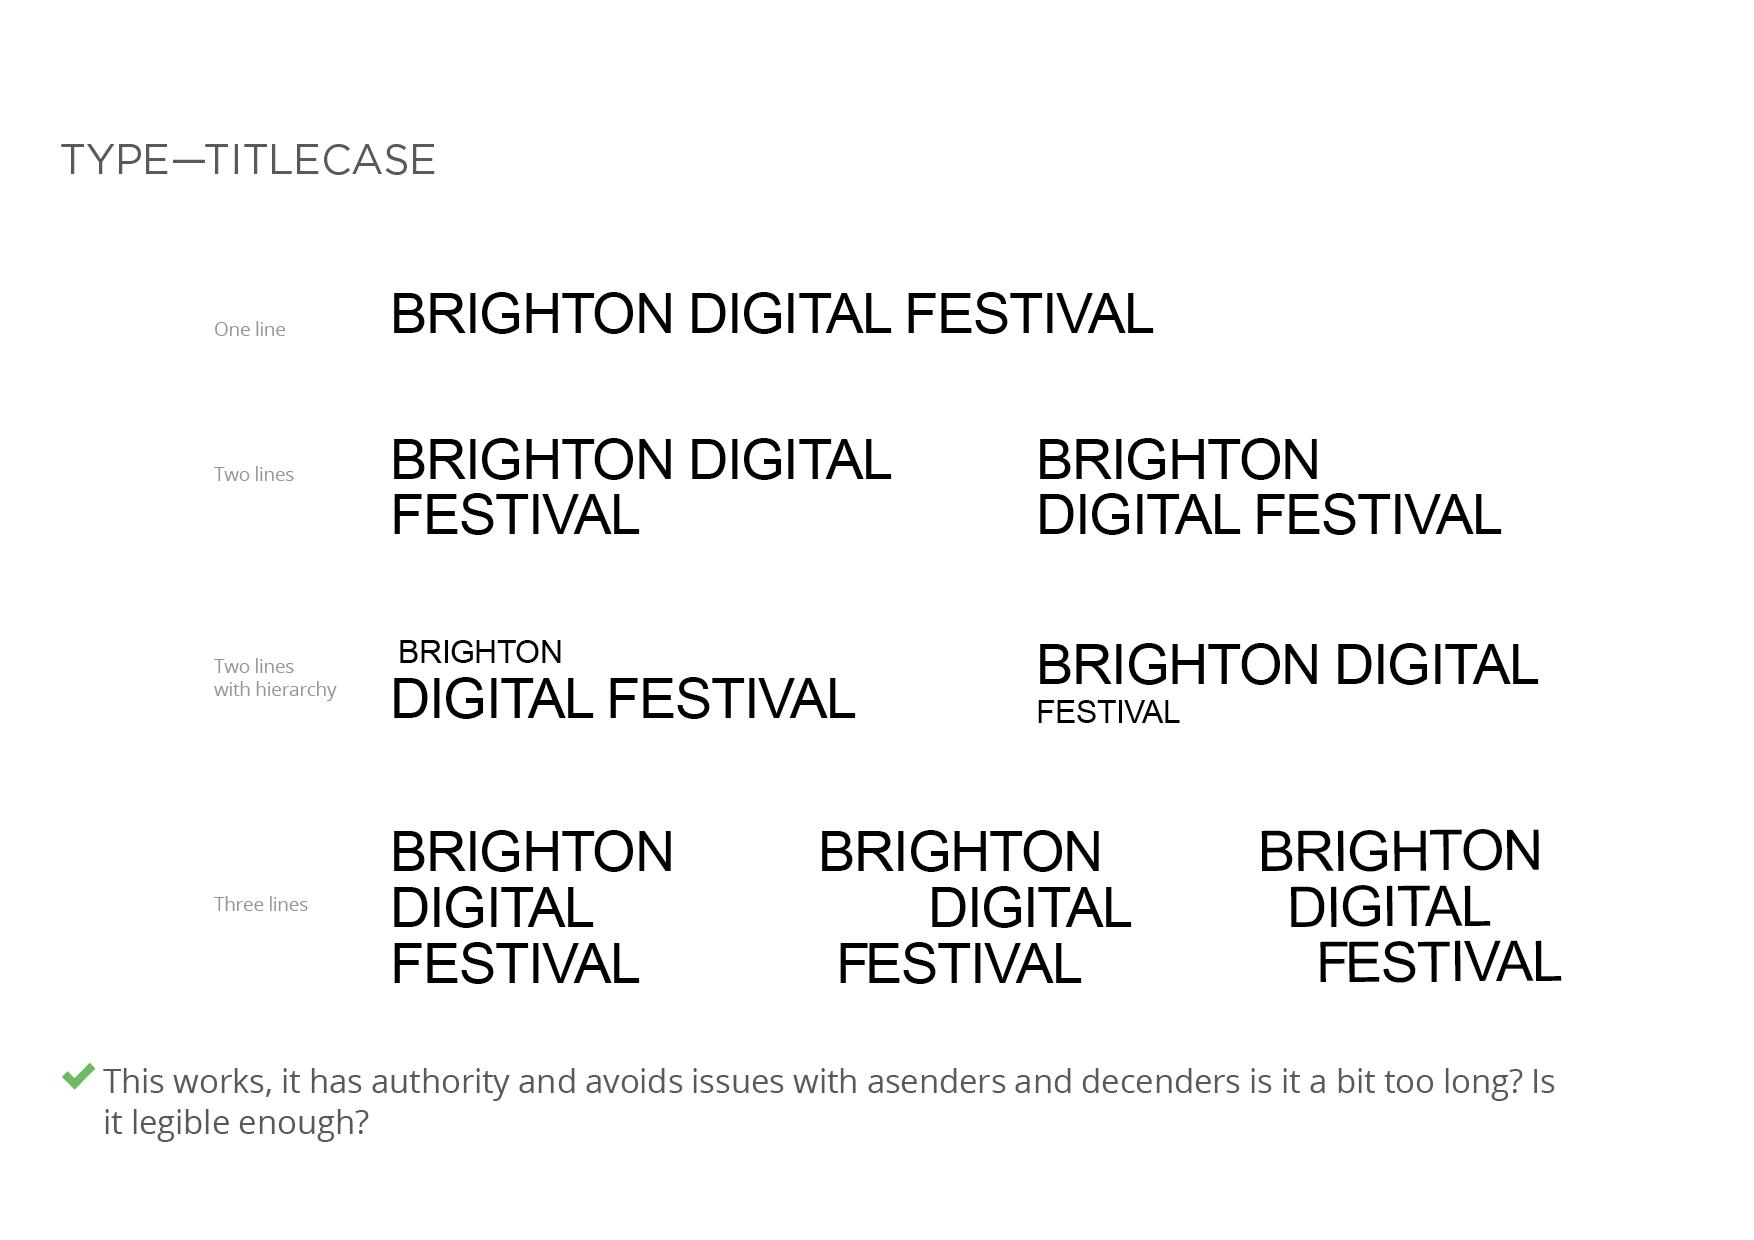 brighton_digital_festival_visual_identity_v24